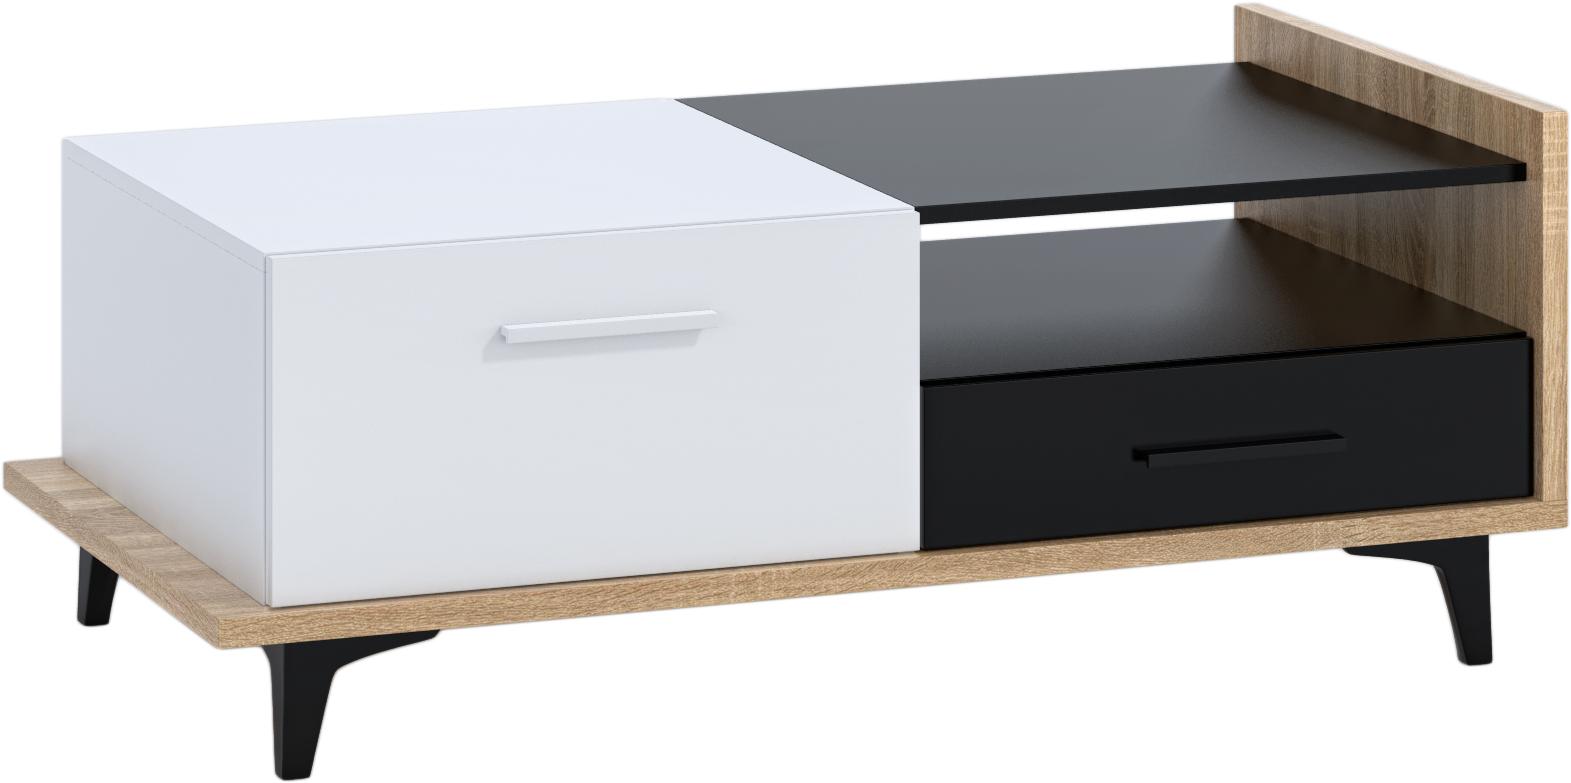 WIP Konferenčný stolík 2D2S BOX-03 Farba: dub sonoma svetlá / biela / čierna